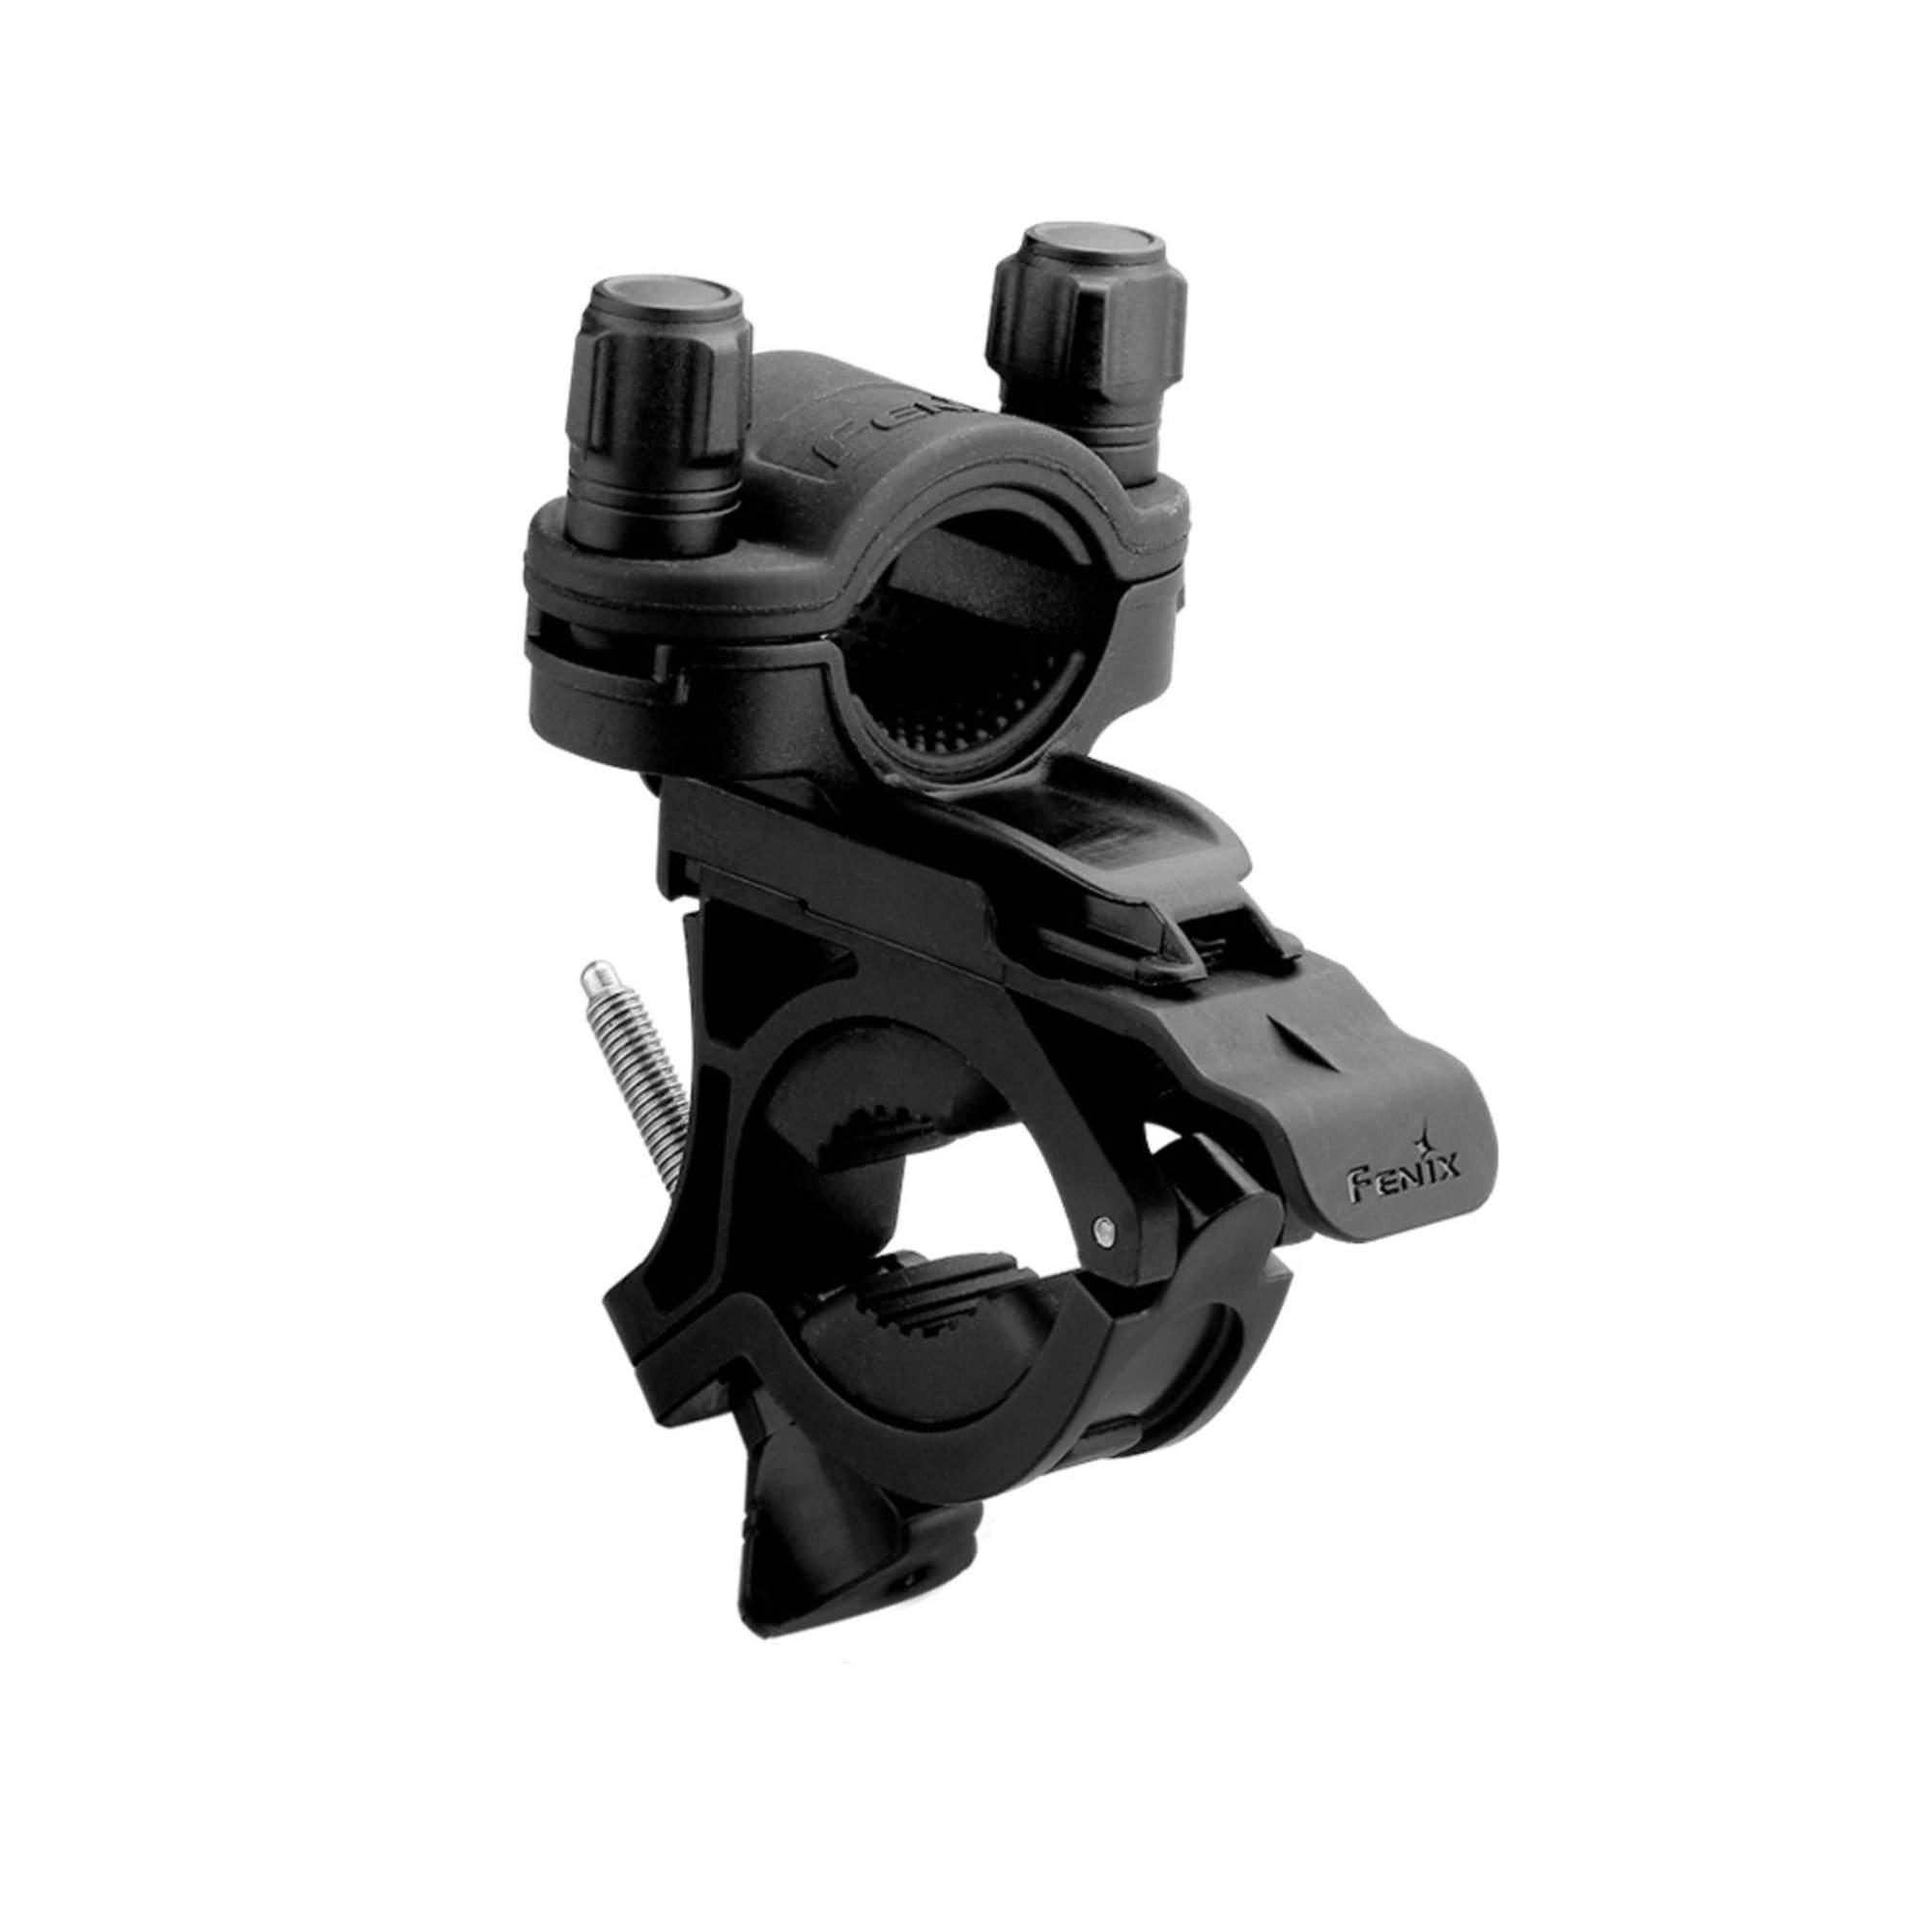 Fenix LAMPENHALTER ALB-10 - Fahrradzubehör - schwarz